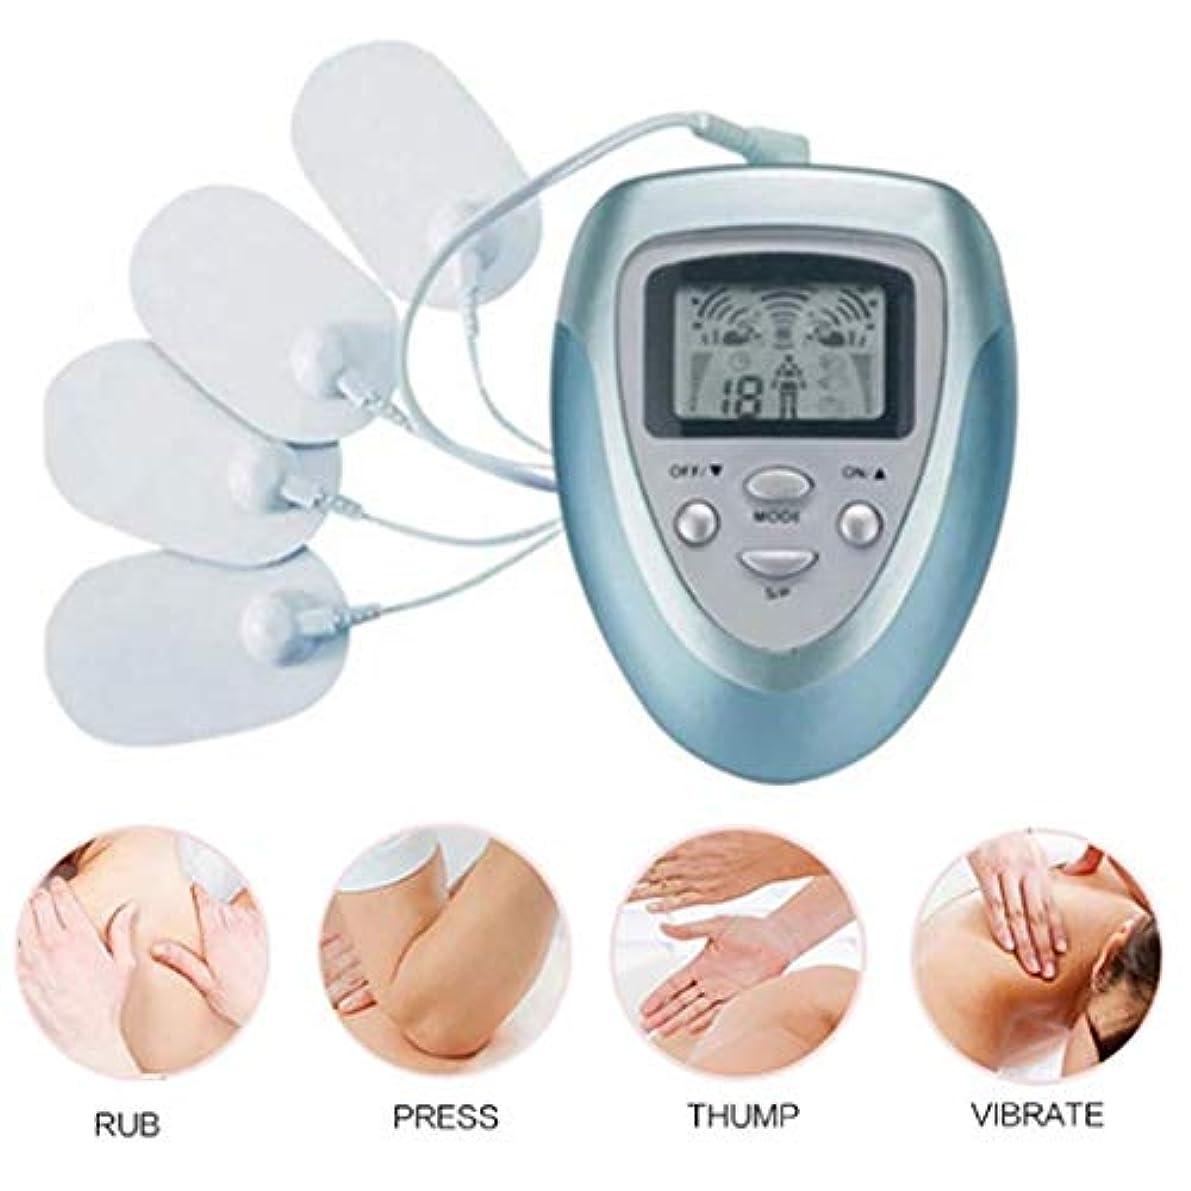 教育学涙医学電気マッサージ器、電子パルスマッサージ器、EMS刺激、ボディリラクゼーション筋肉、パルス+鍼灸マッサージ、痛みを軽減します